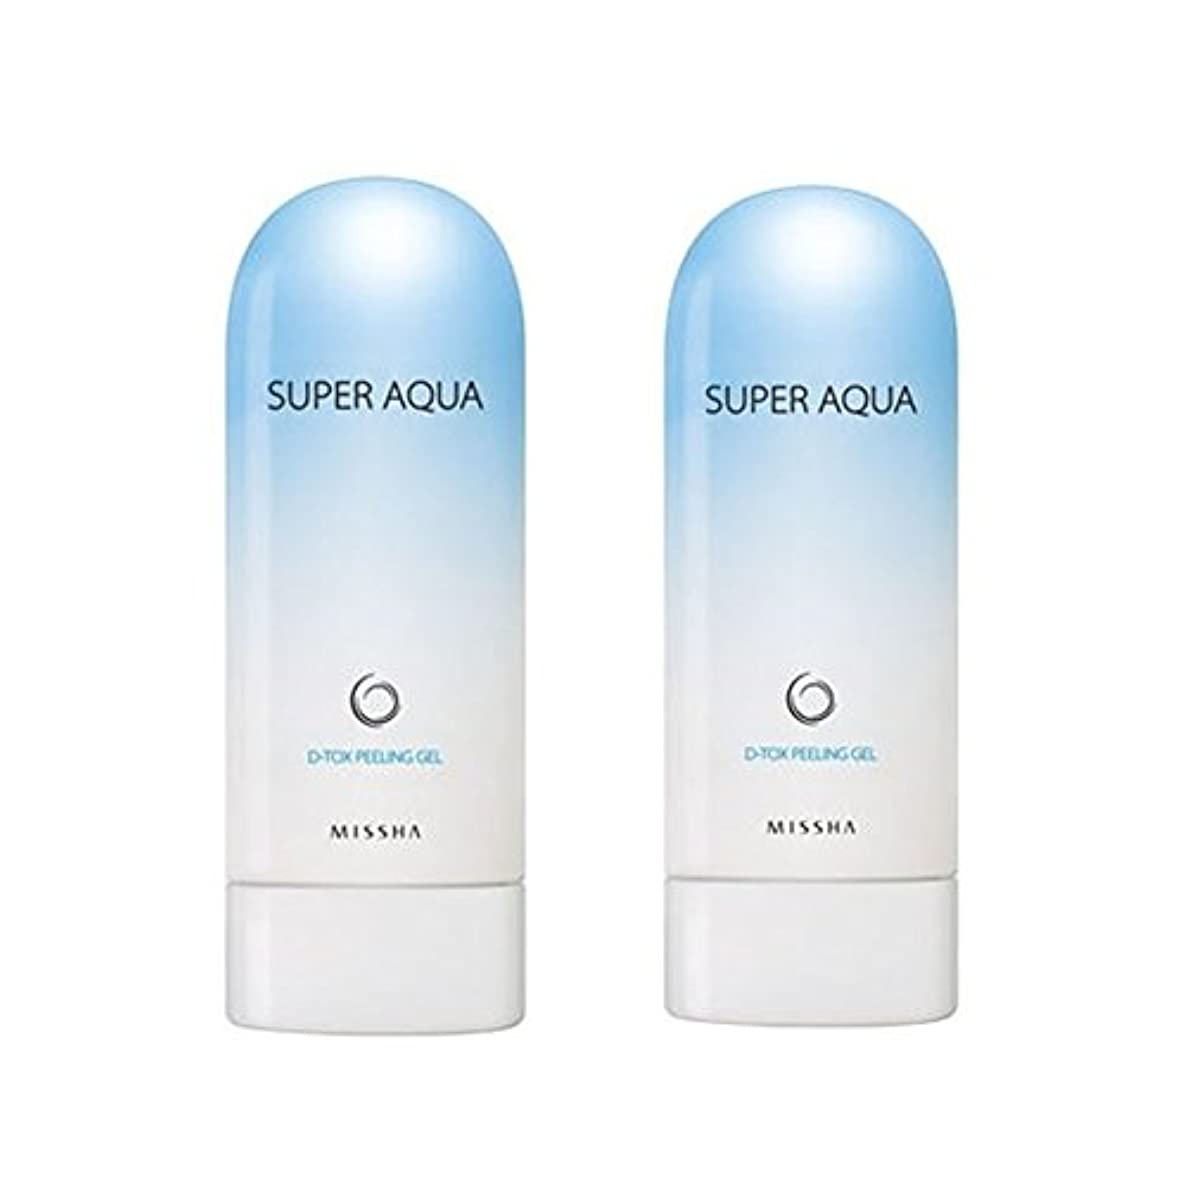 不確実ブラスト病んでいるミシャスーパーアクアピーリングジェル100ml x 2本セット、MISSHA Super Aqua Peeling Gel 100ml x 2ea Set [並行輸入品]